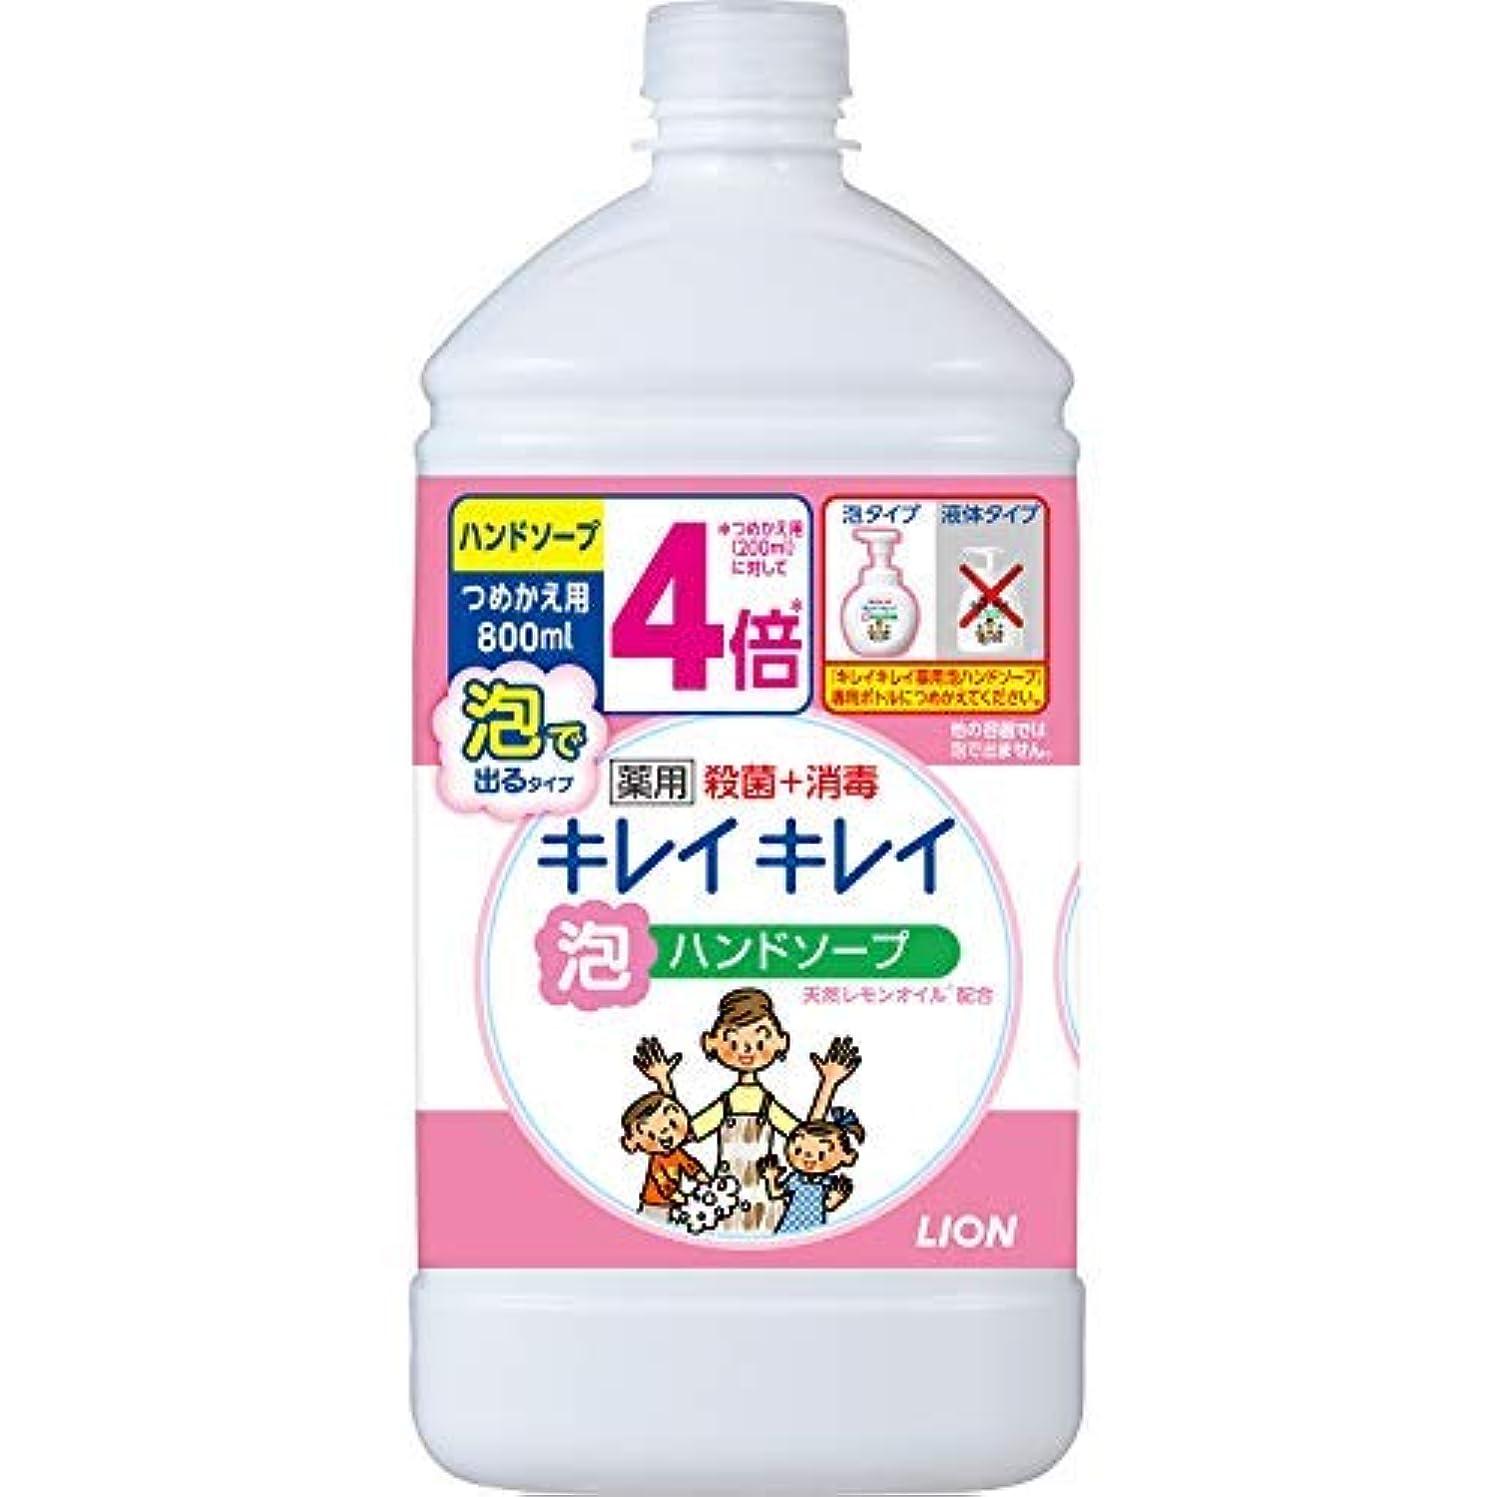 酸度現実シュートキレイキレイ 薬用泡ハンドソープ つめかえ用特大サイズ シトラスフルーティ × 4個セット